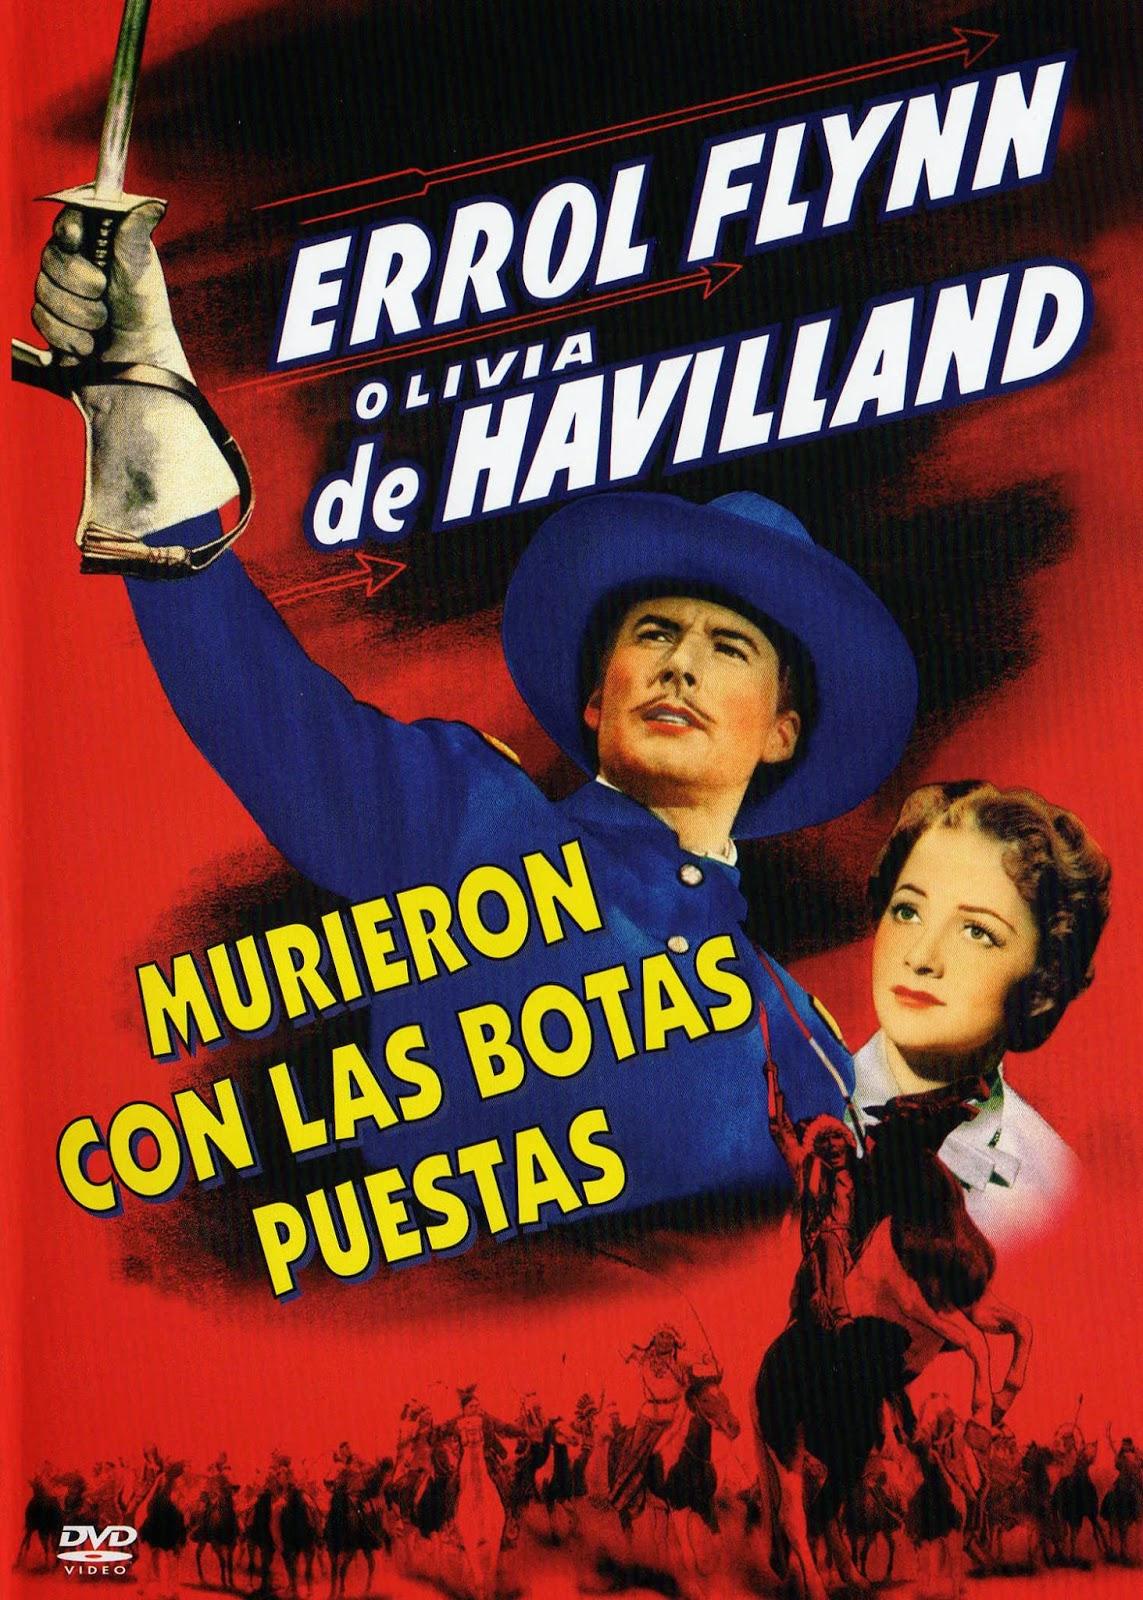 Murieron con las Botas Puestas (1941)